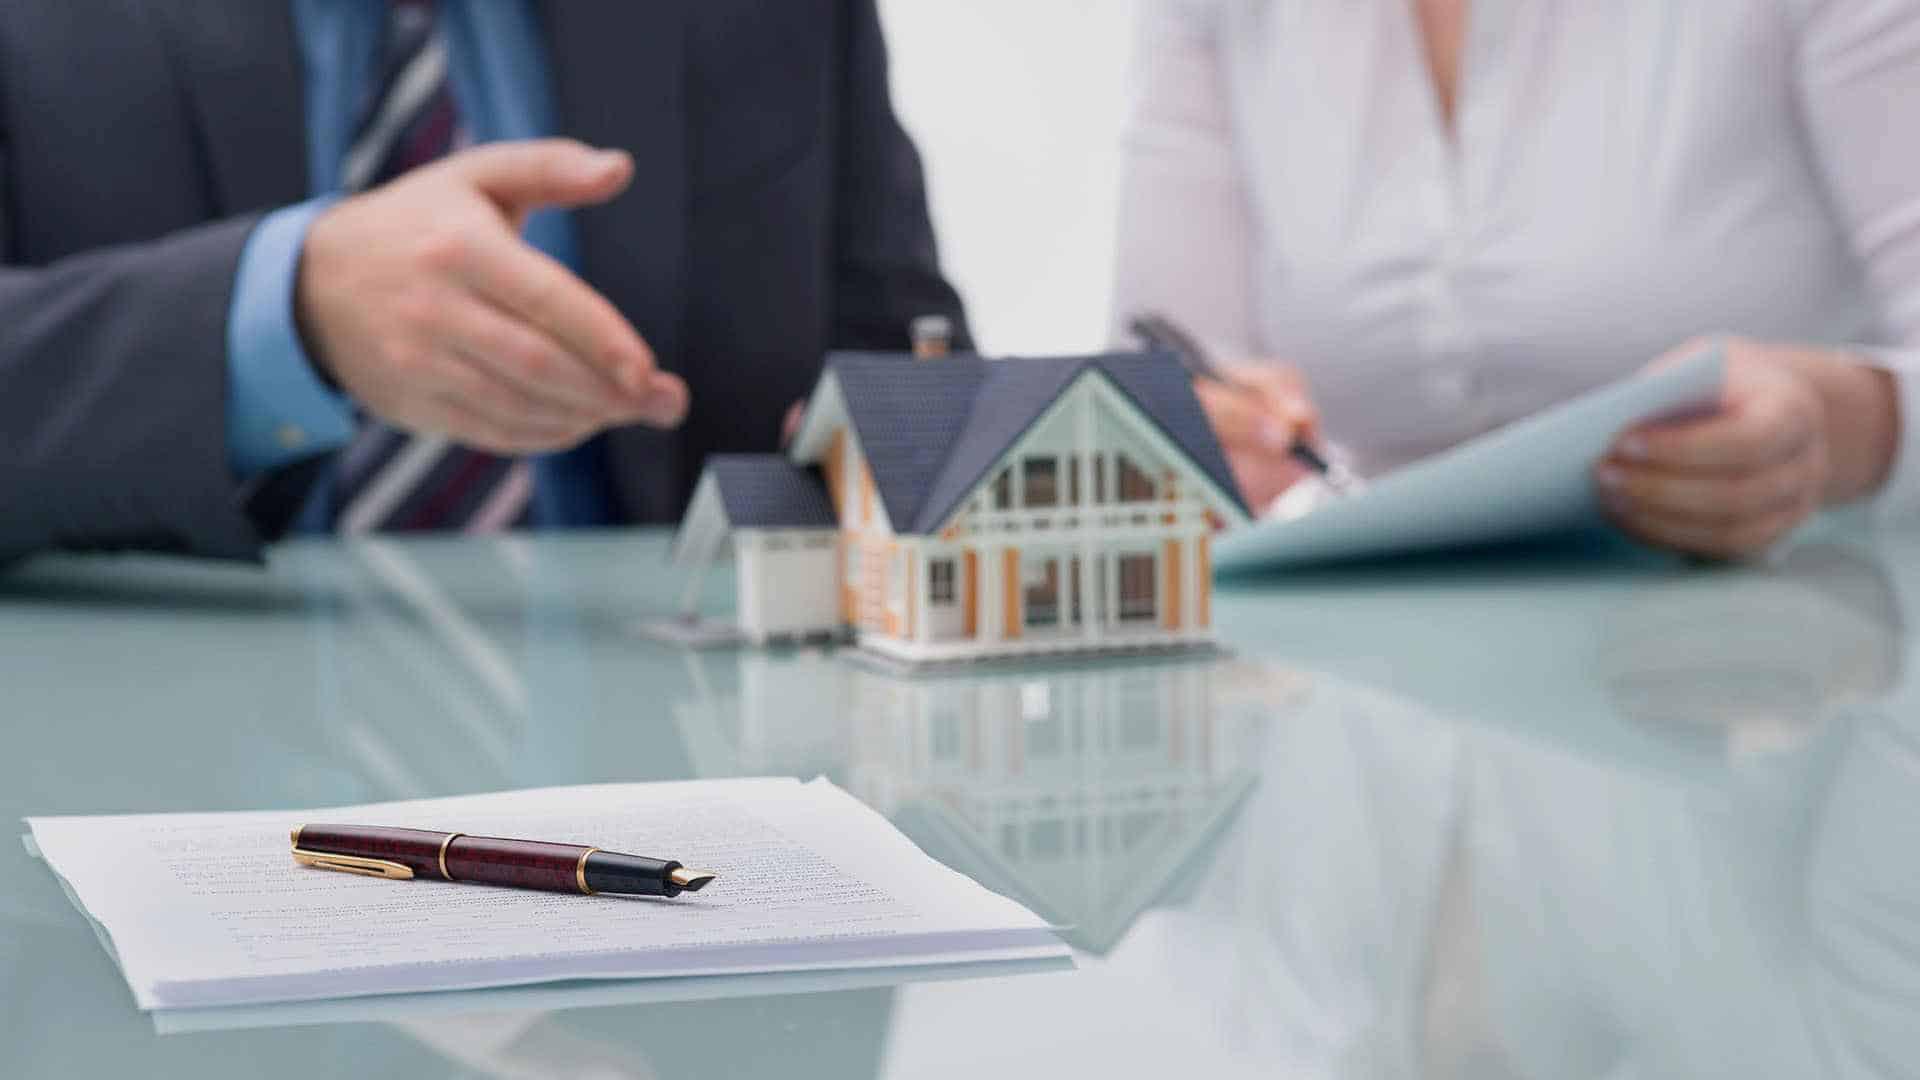 Trước khi xuống tiền mua căn nhà đầu tiên, cặp vợ chồng trẻ nên nghe 7 lời khuyên hữu ích này - Ảnh 4.